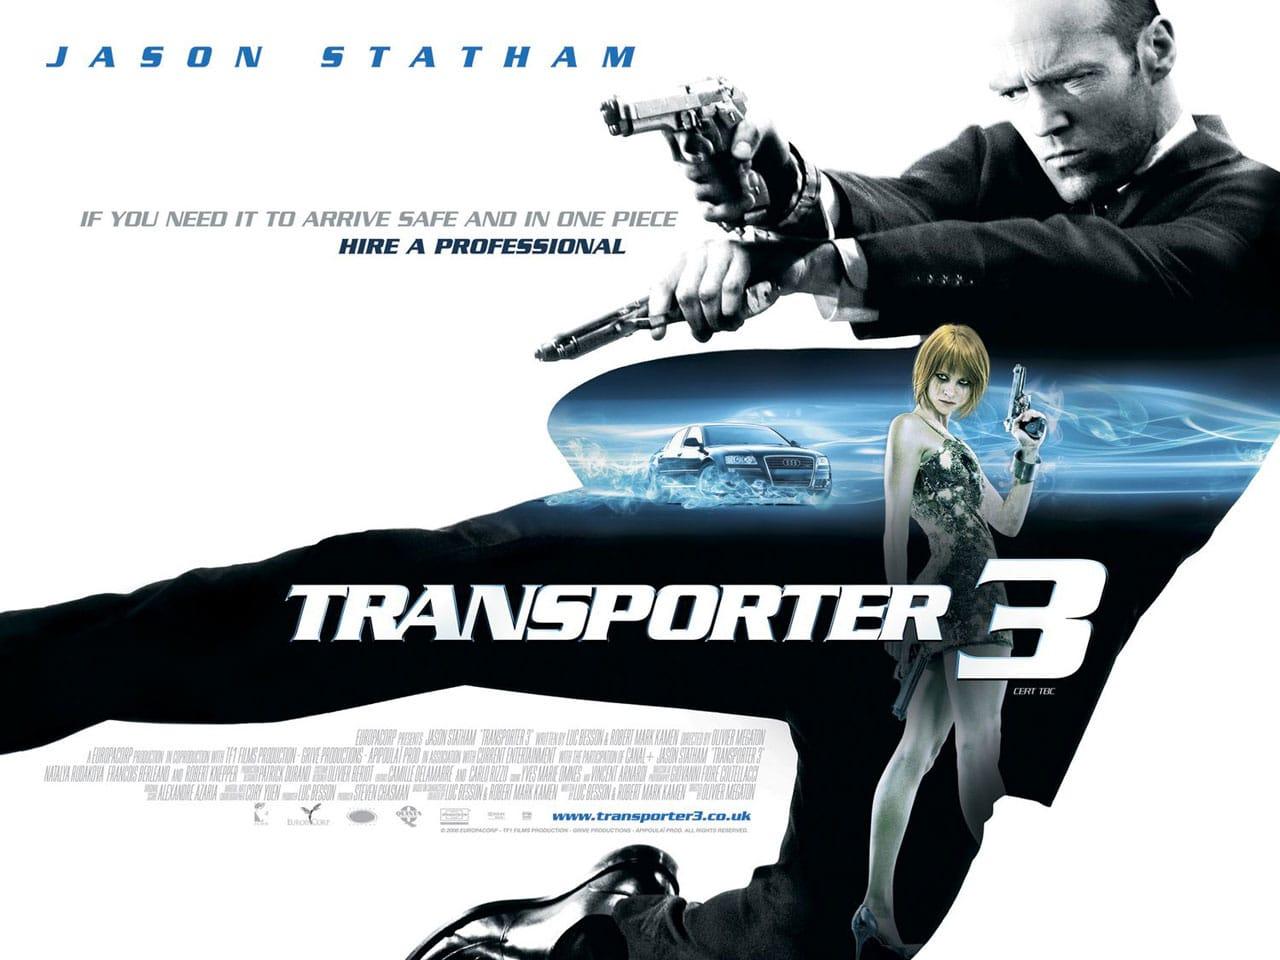 Le-Transporteur-3-Banner